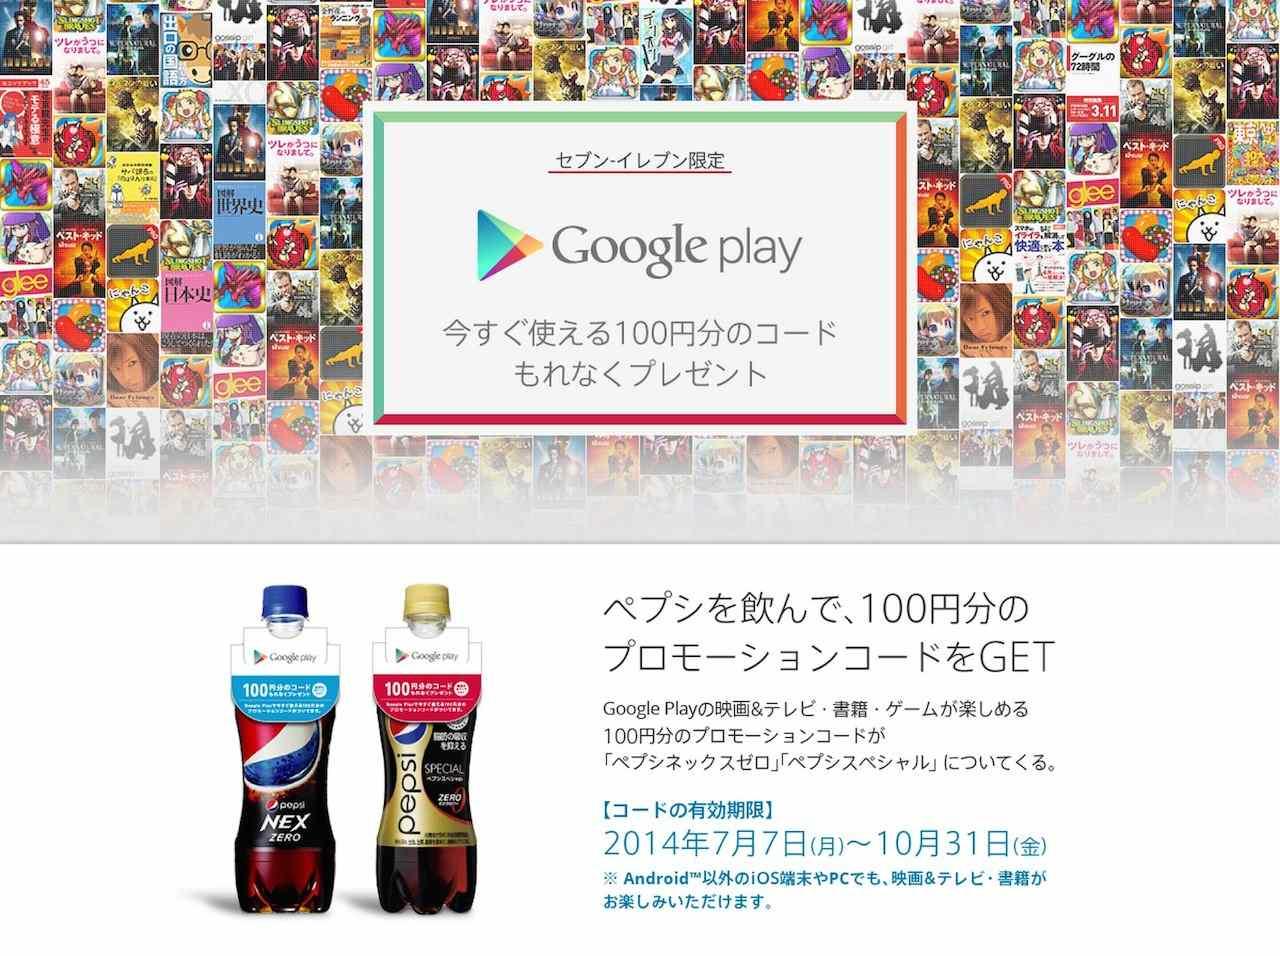 ペプシ・コーラをセブンイレブンで買うとGoogle Playのクレジットコード100円分をゲットできるキャンペーンが開始!